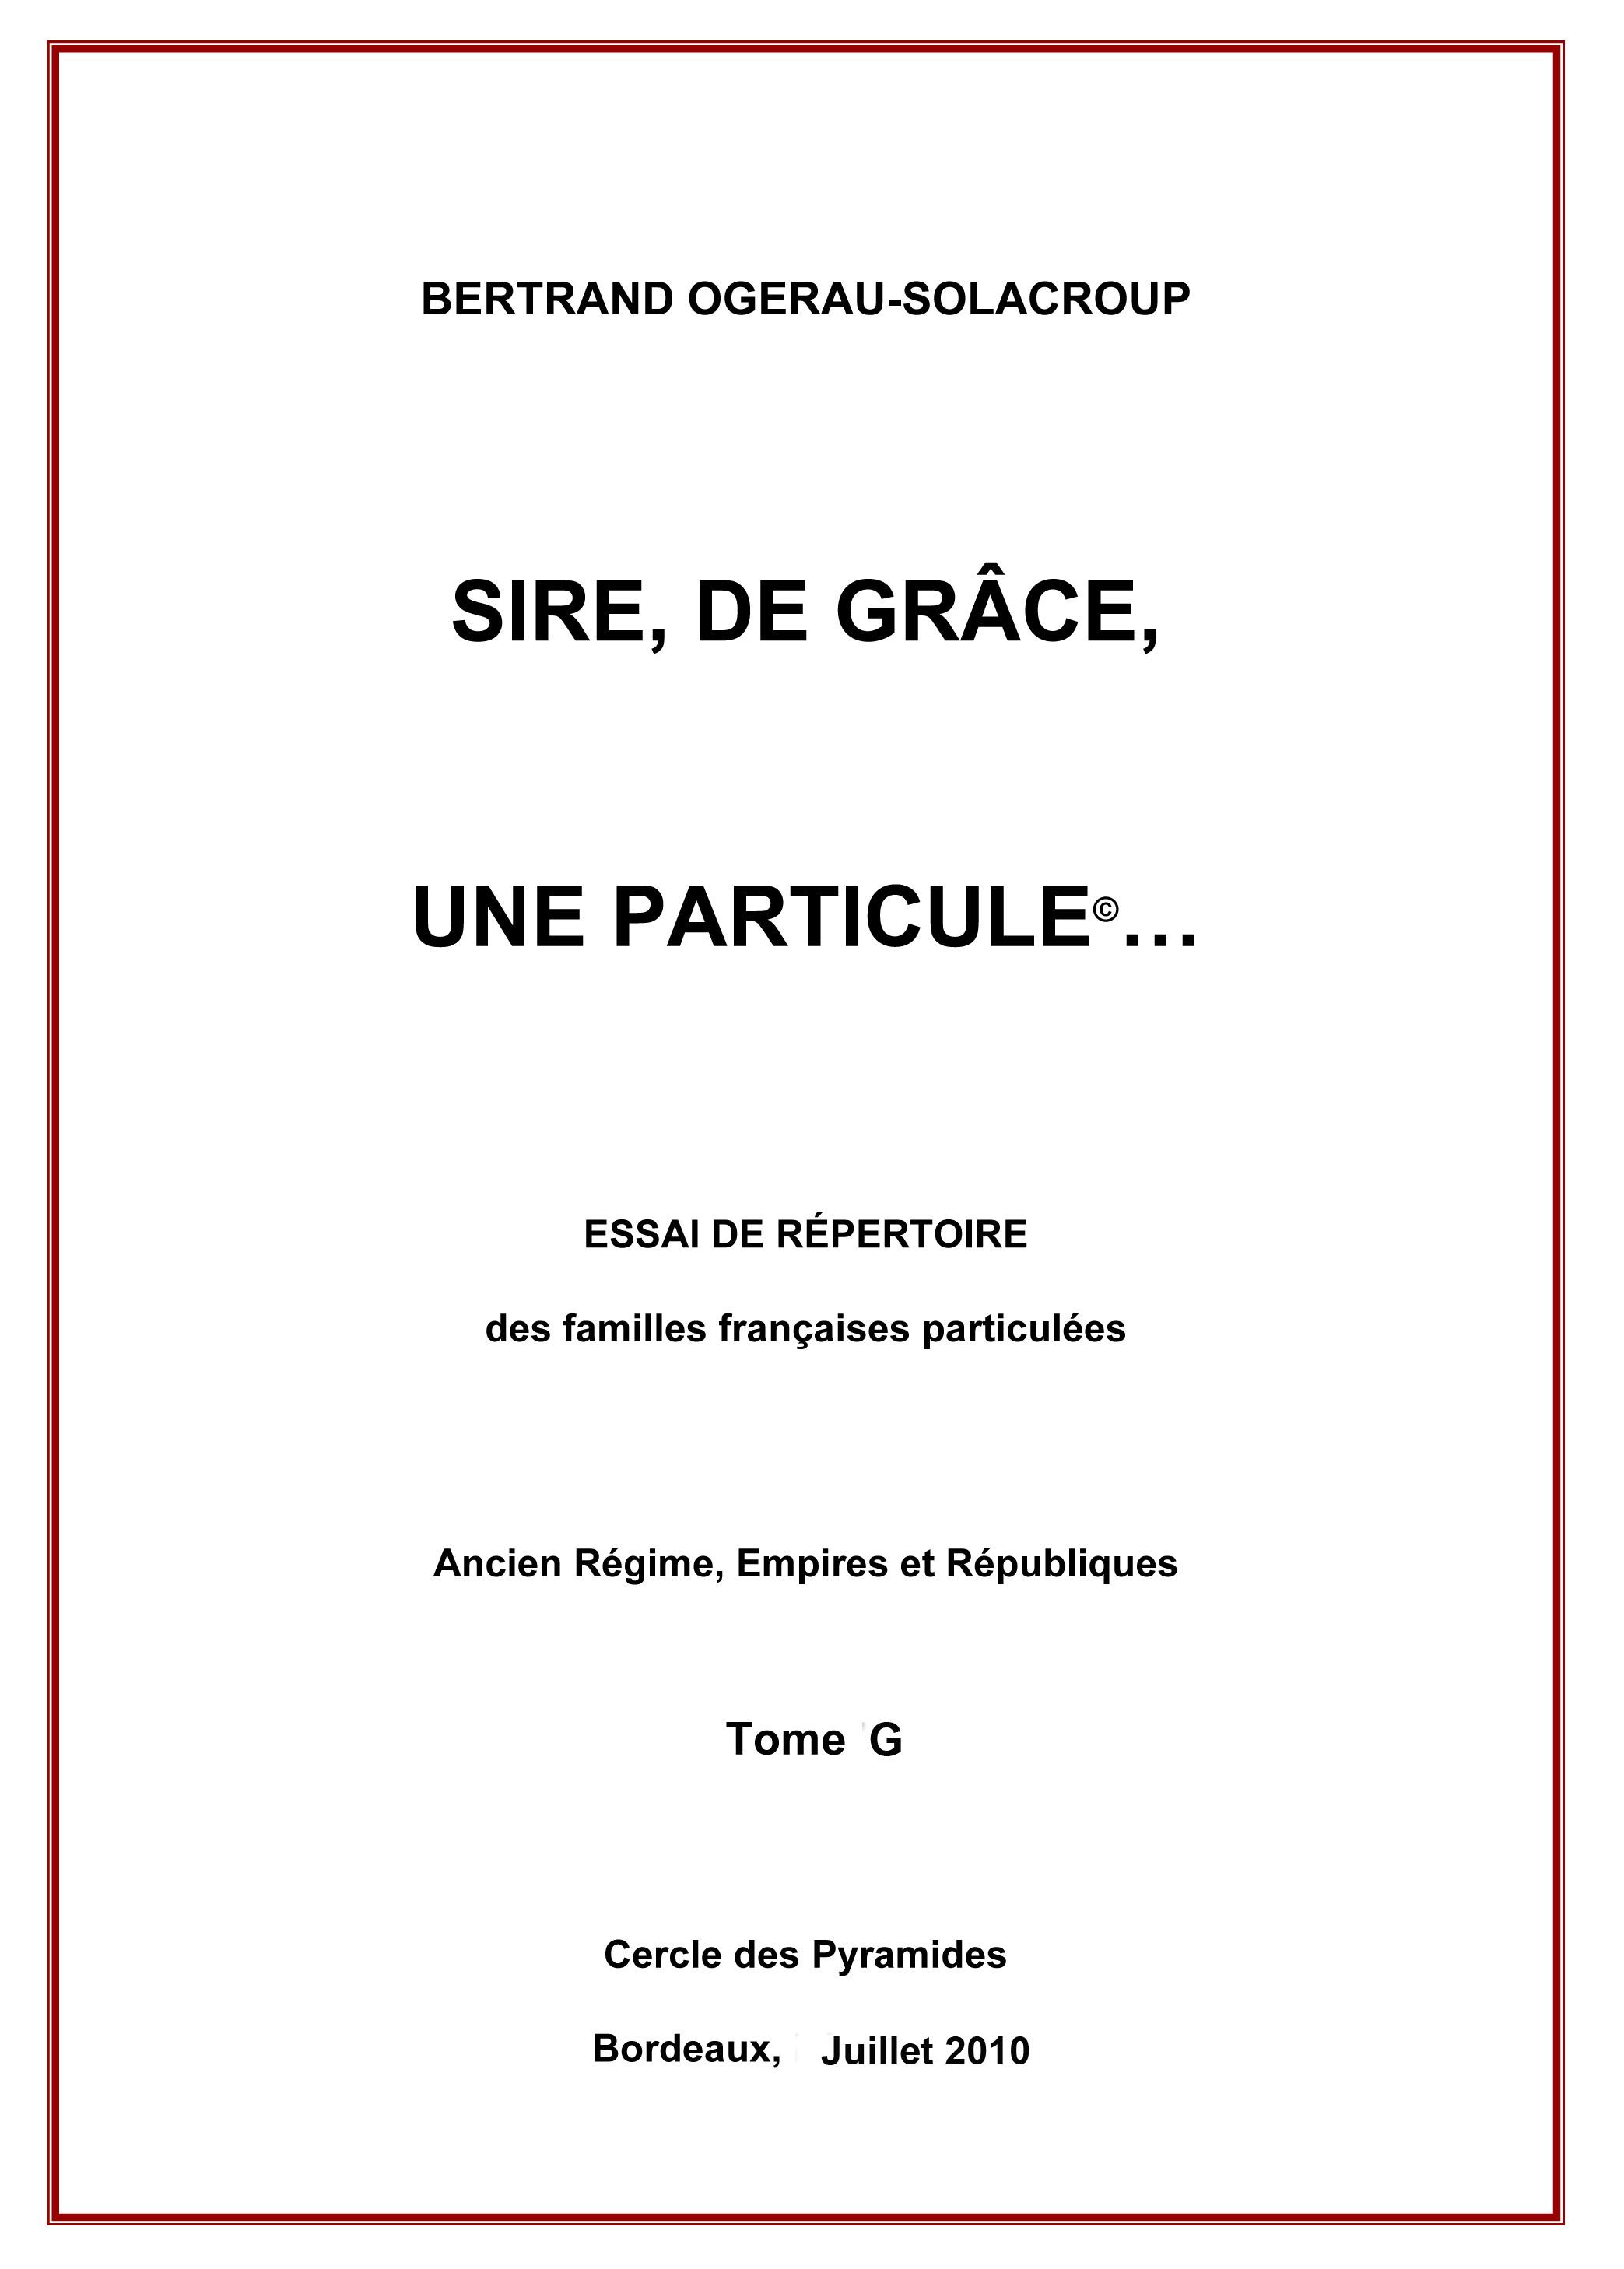 SIRE DE GRACE, UNE PARTICULE TOME G